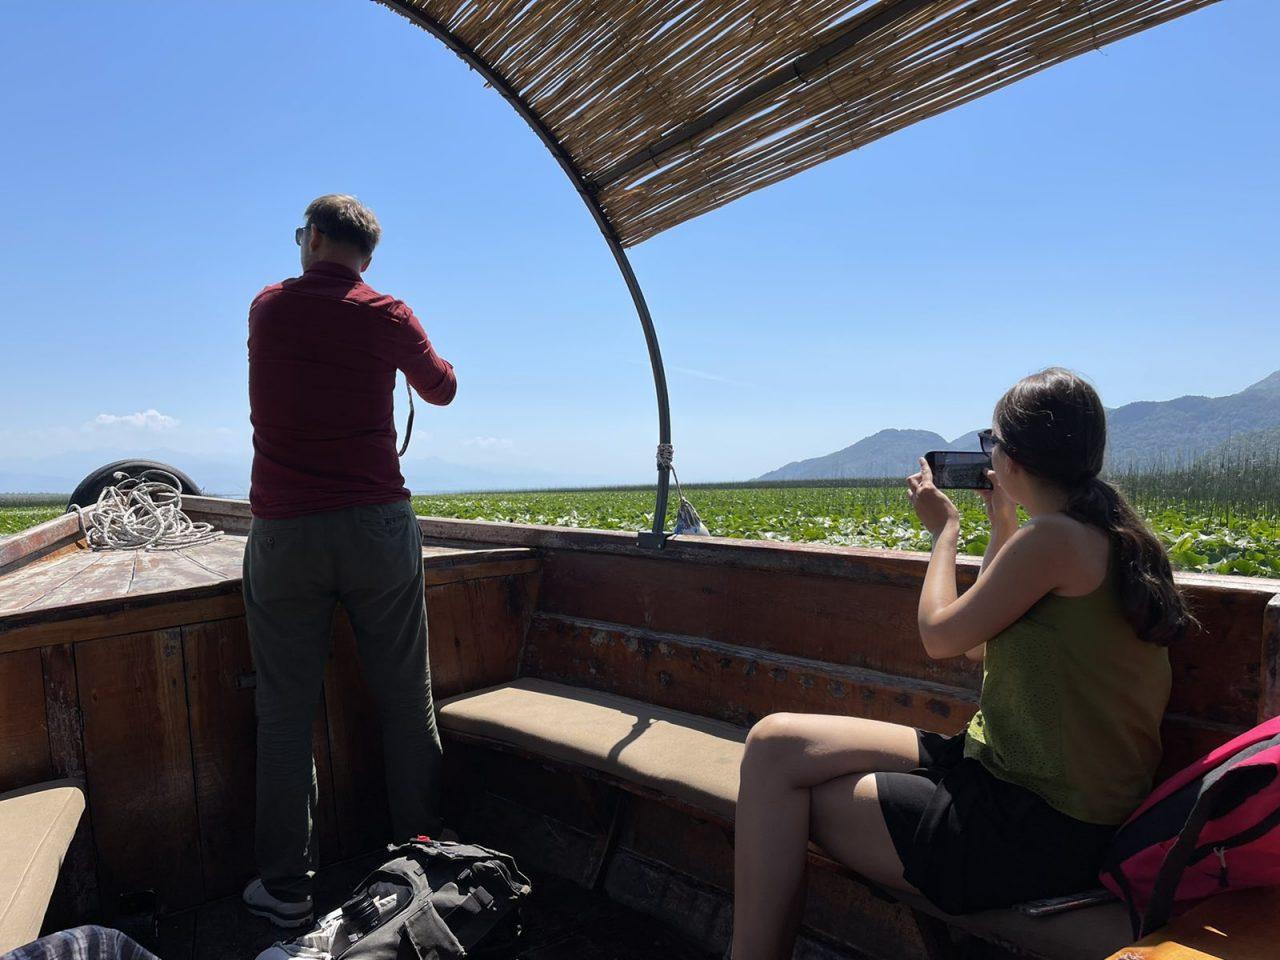 Ekipa najpopularnijeg TV kanala iz Ukrajine u posjeti Crnoj Gori